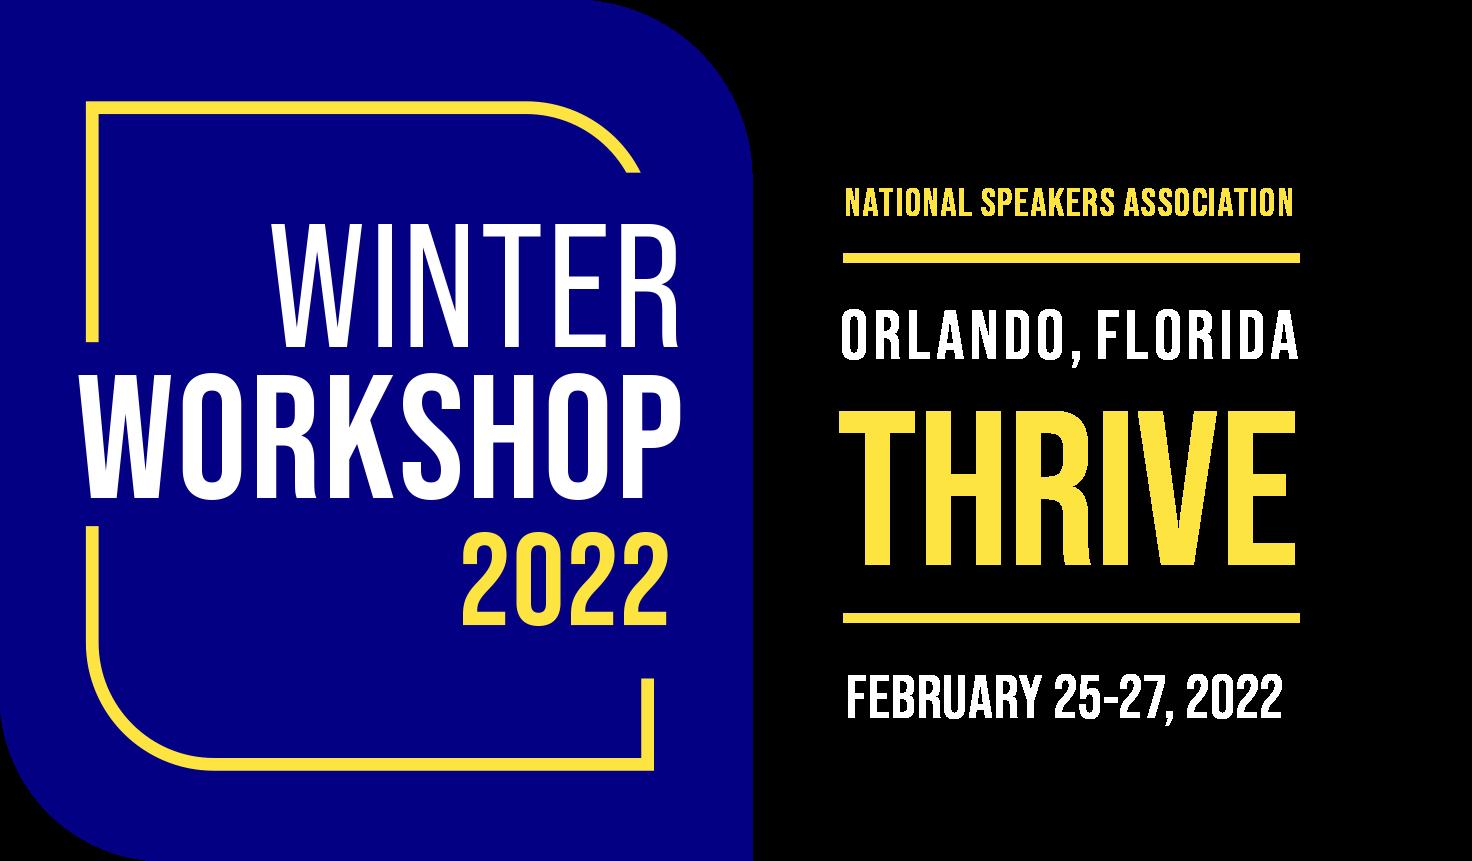 Winter Workshop 2022